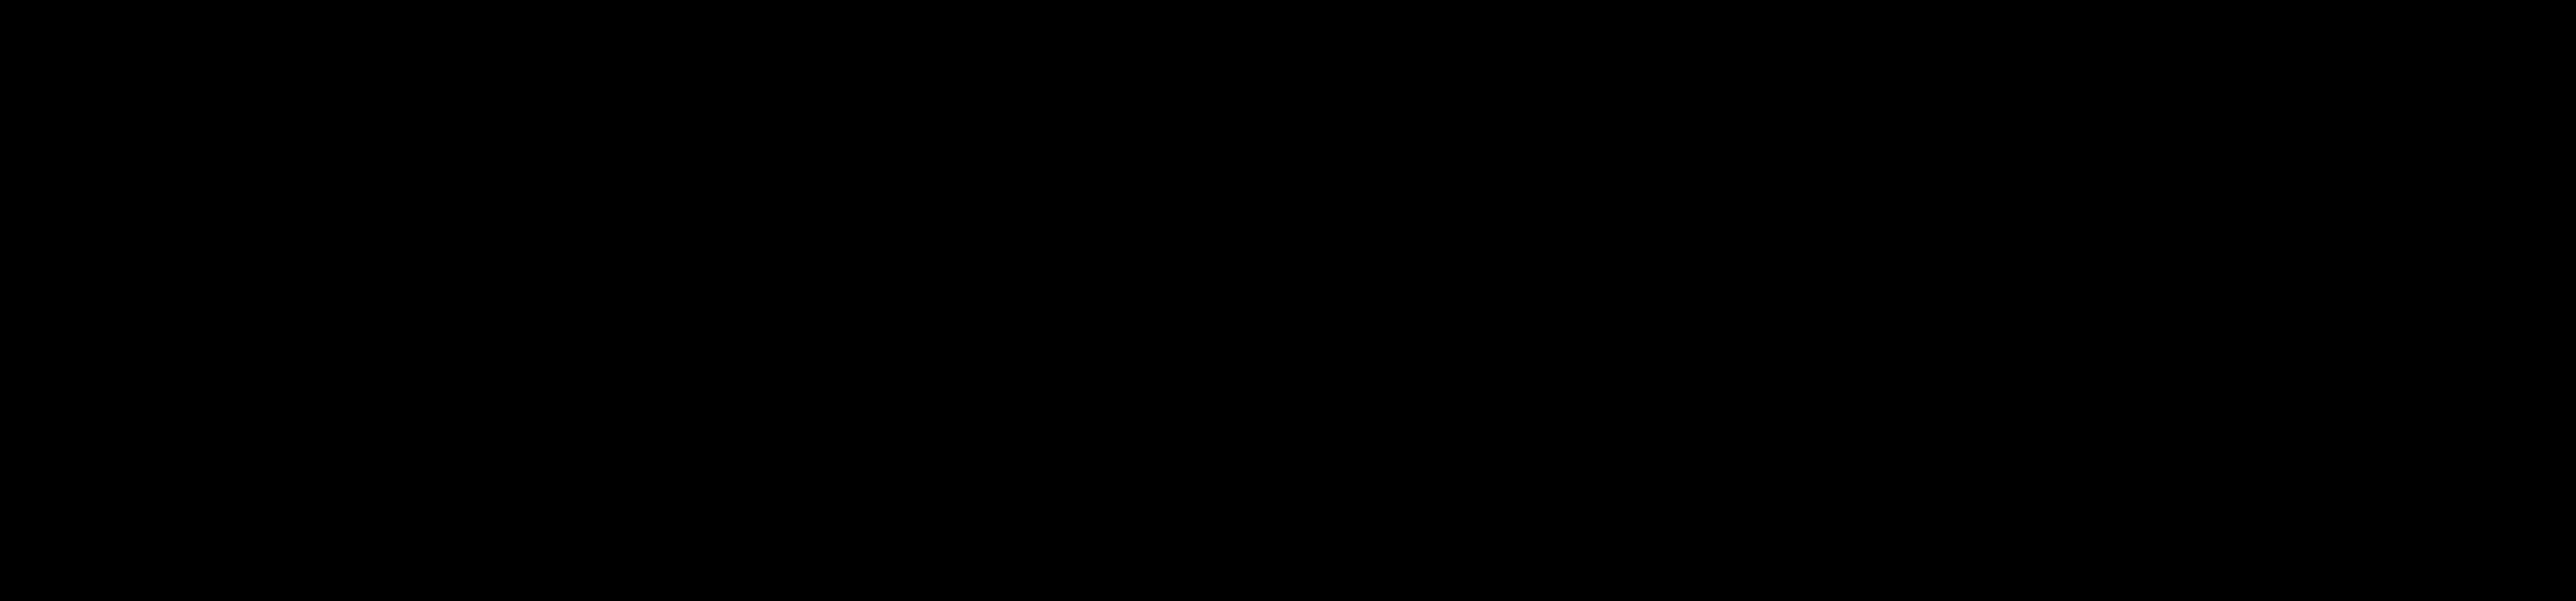 METASU(ミタス)ロゴ